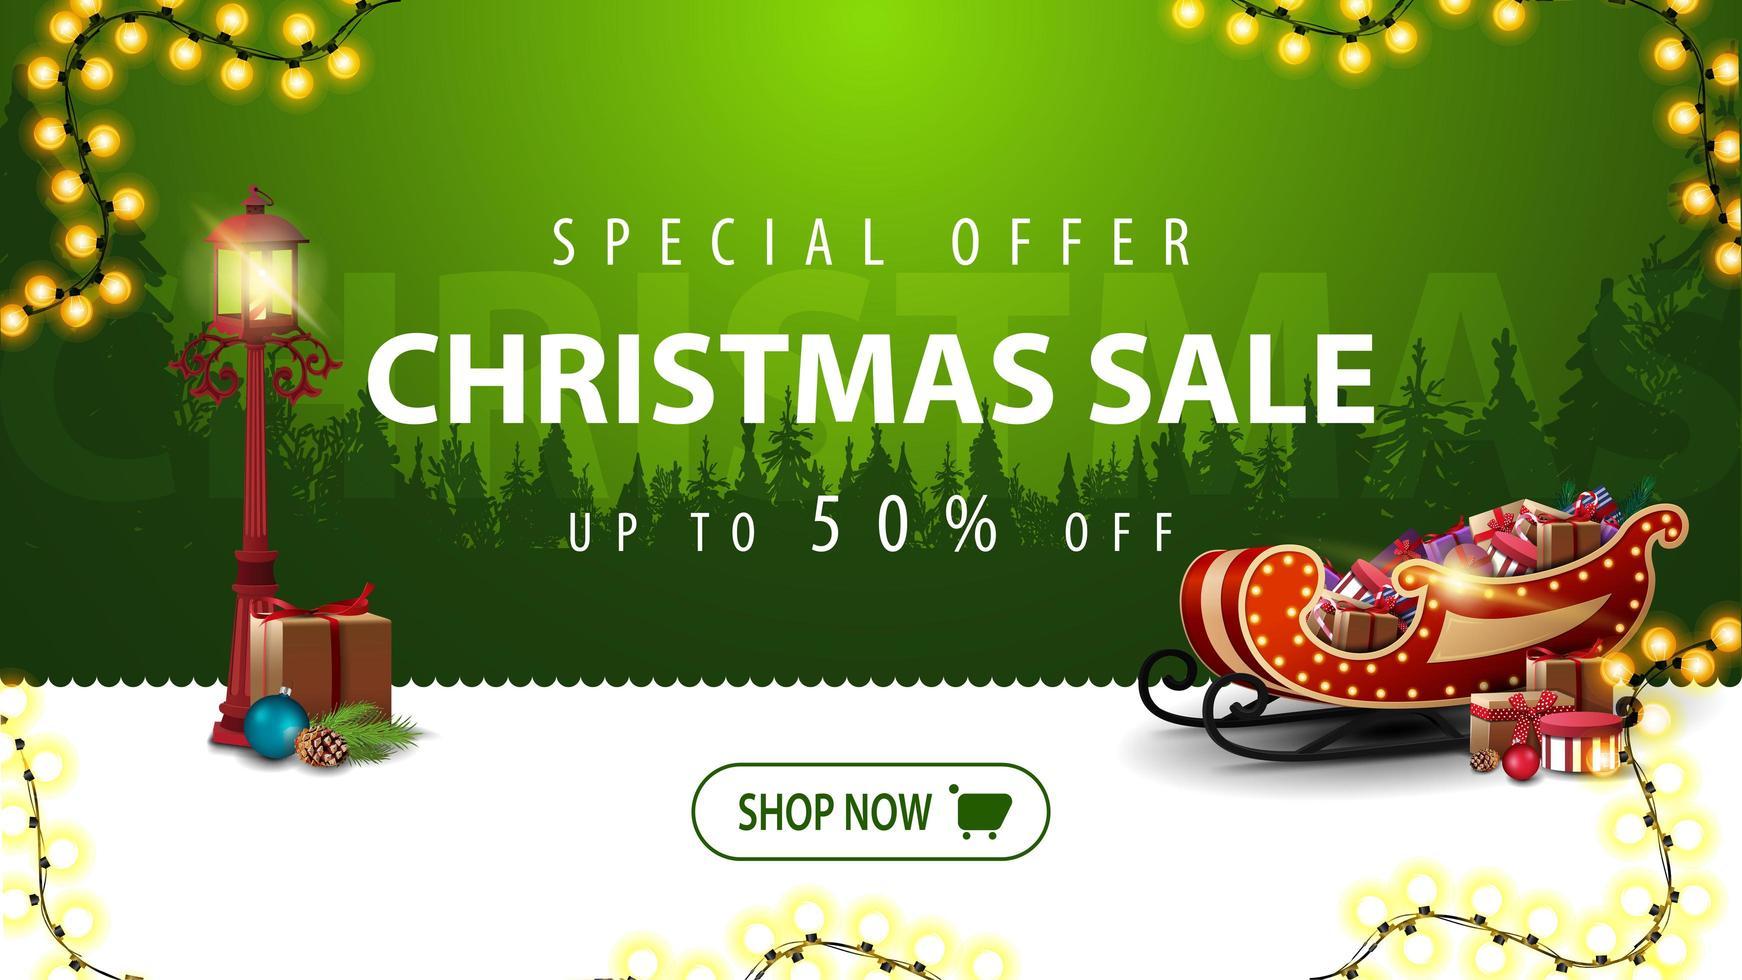 Sonderangebot, Weihnachtsverkauf, bis zu 50 Rabatt, grünes modernes Banner für Website mit Girlande, Knopf, Vintage Stangenlaterne und Weihnachtsschlitten mit Geschenken vektor